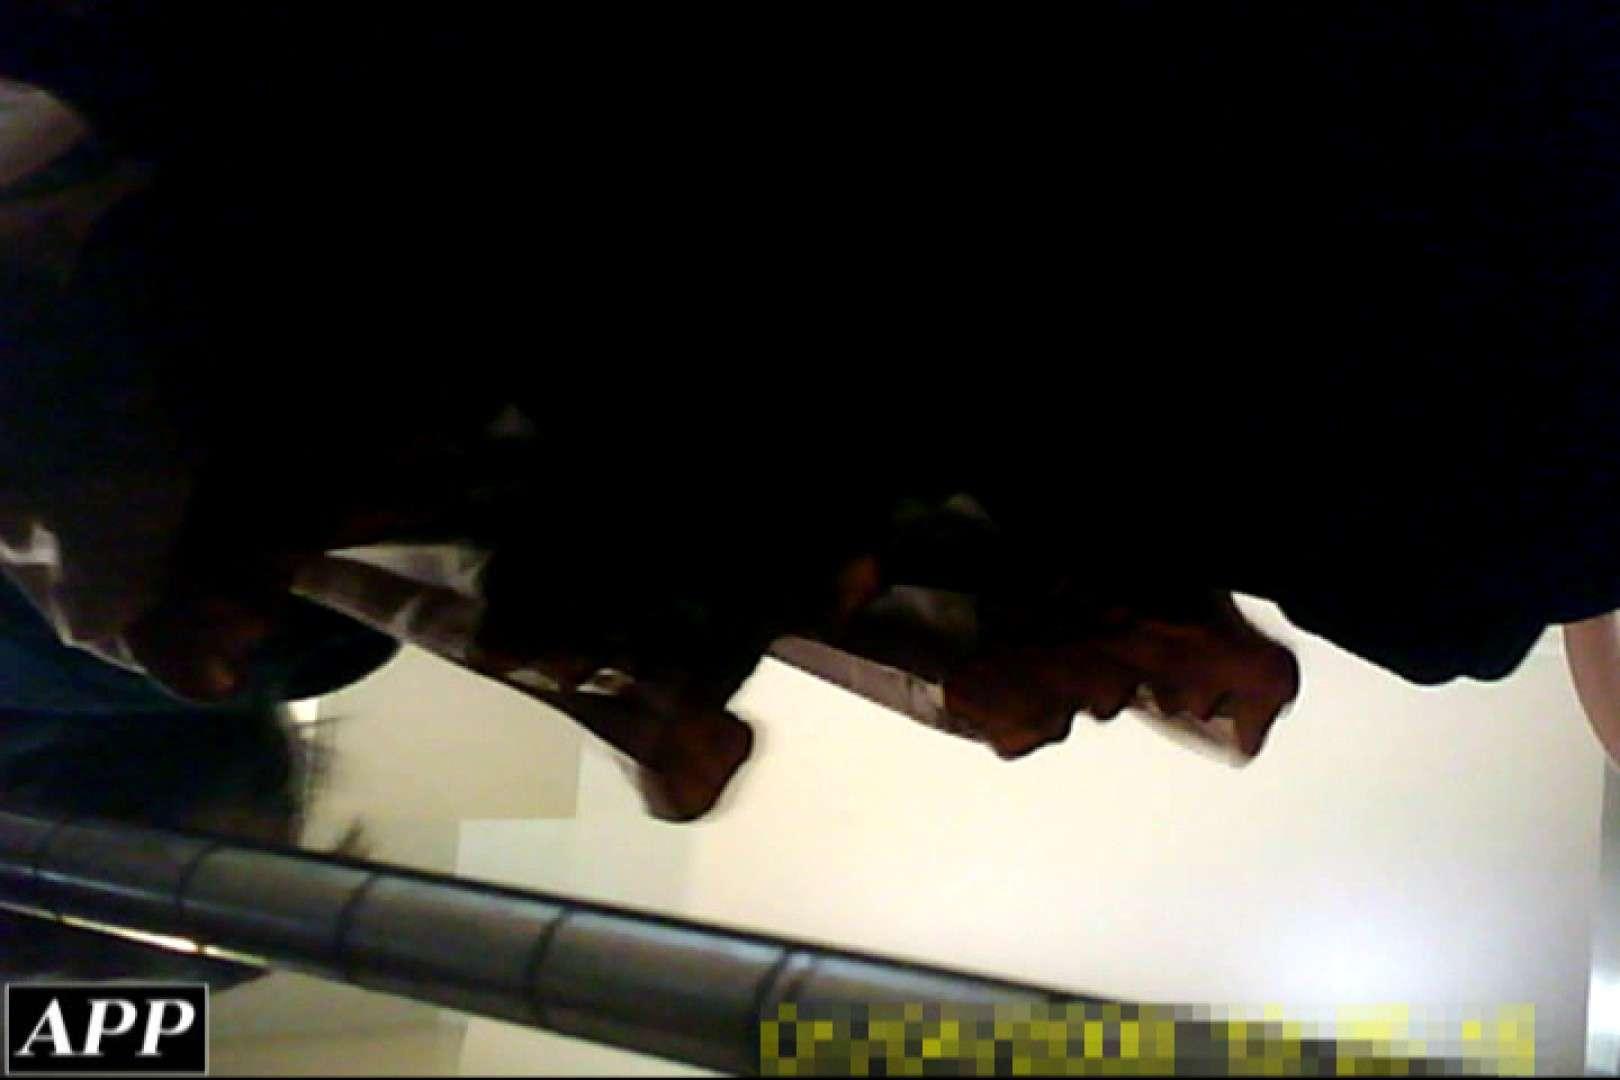 3視点洗面所 vol.038 洗面所はめどり   エロティックなOL  85画像 29